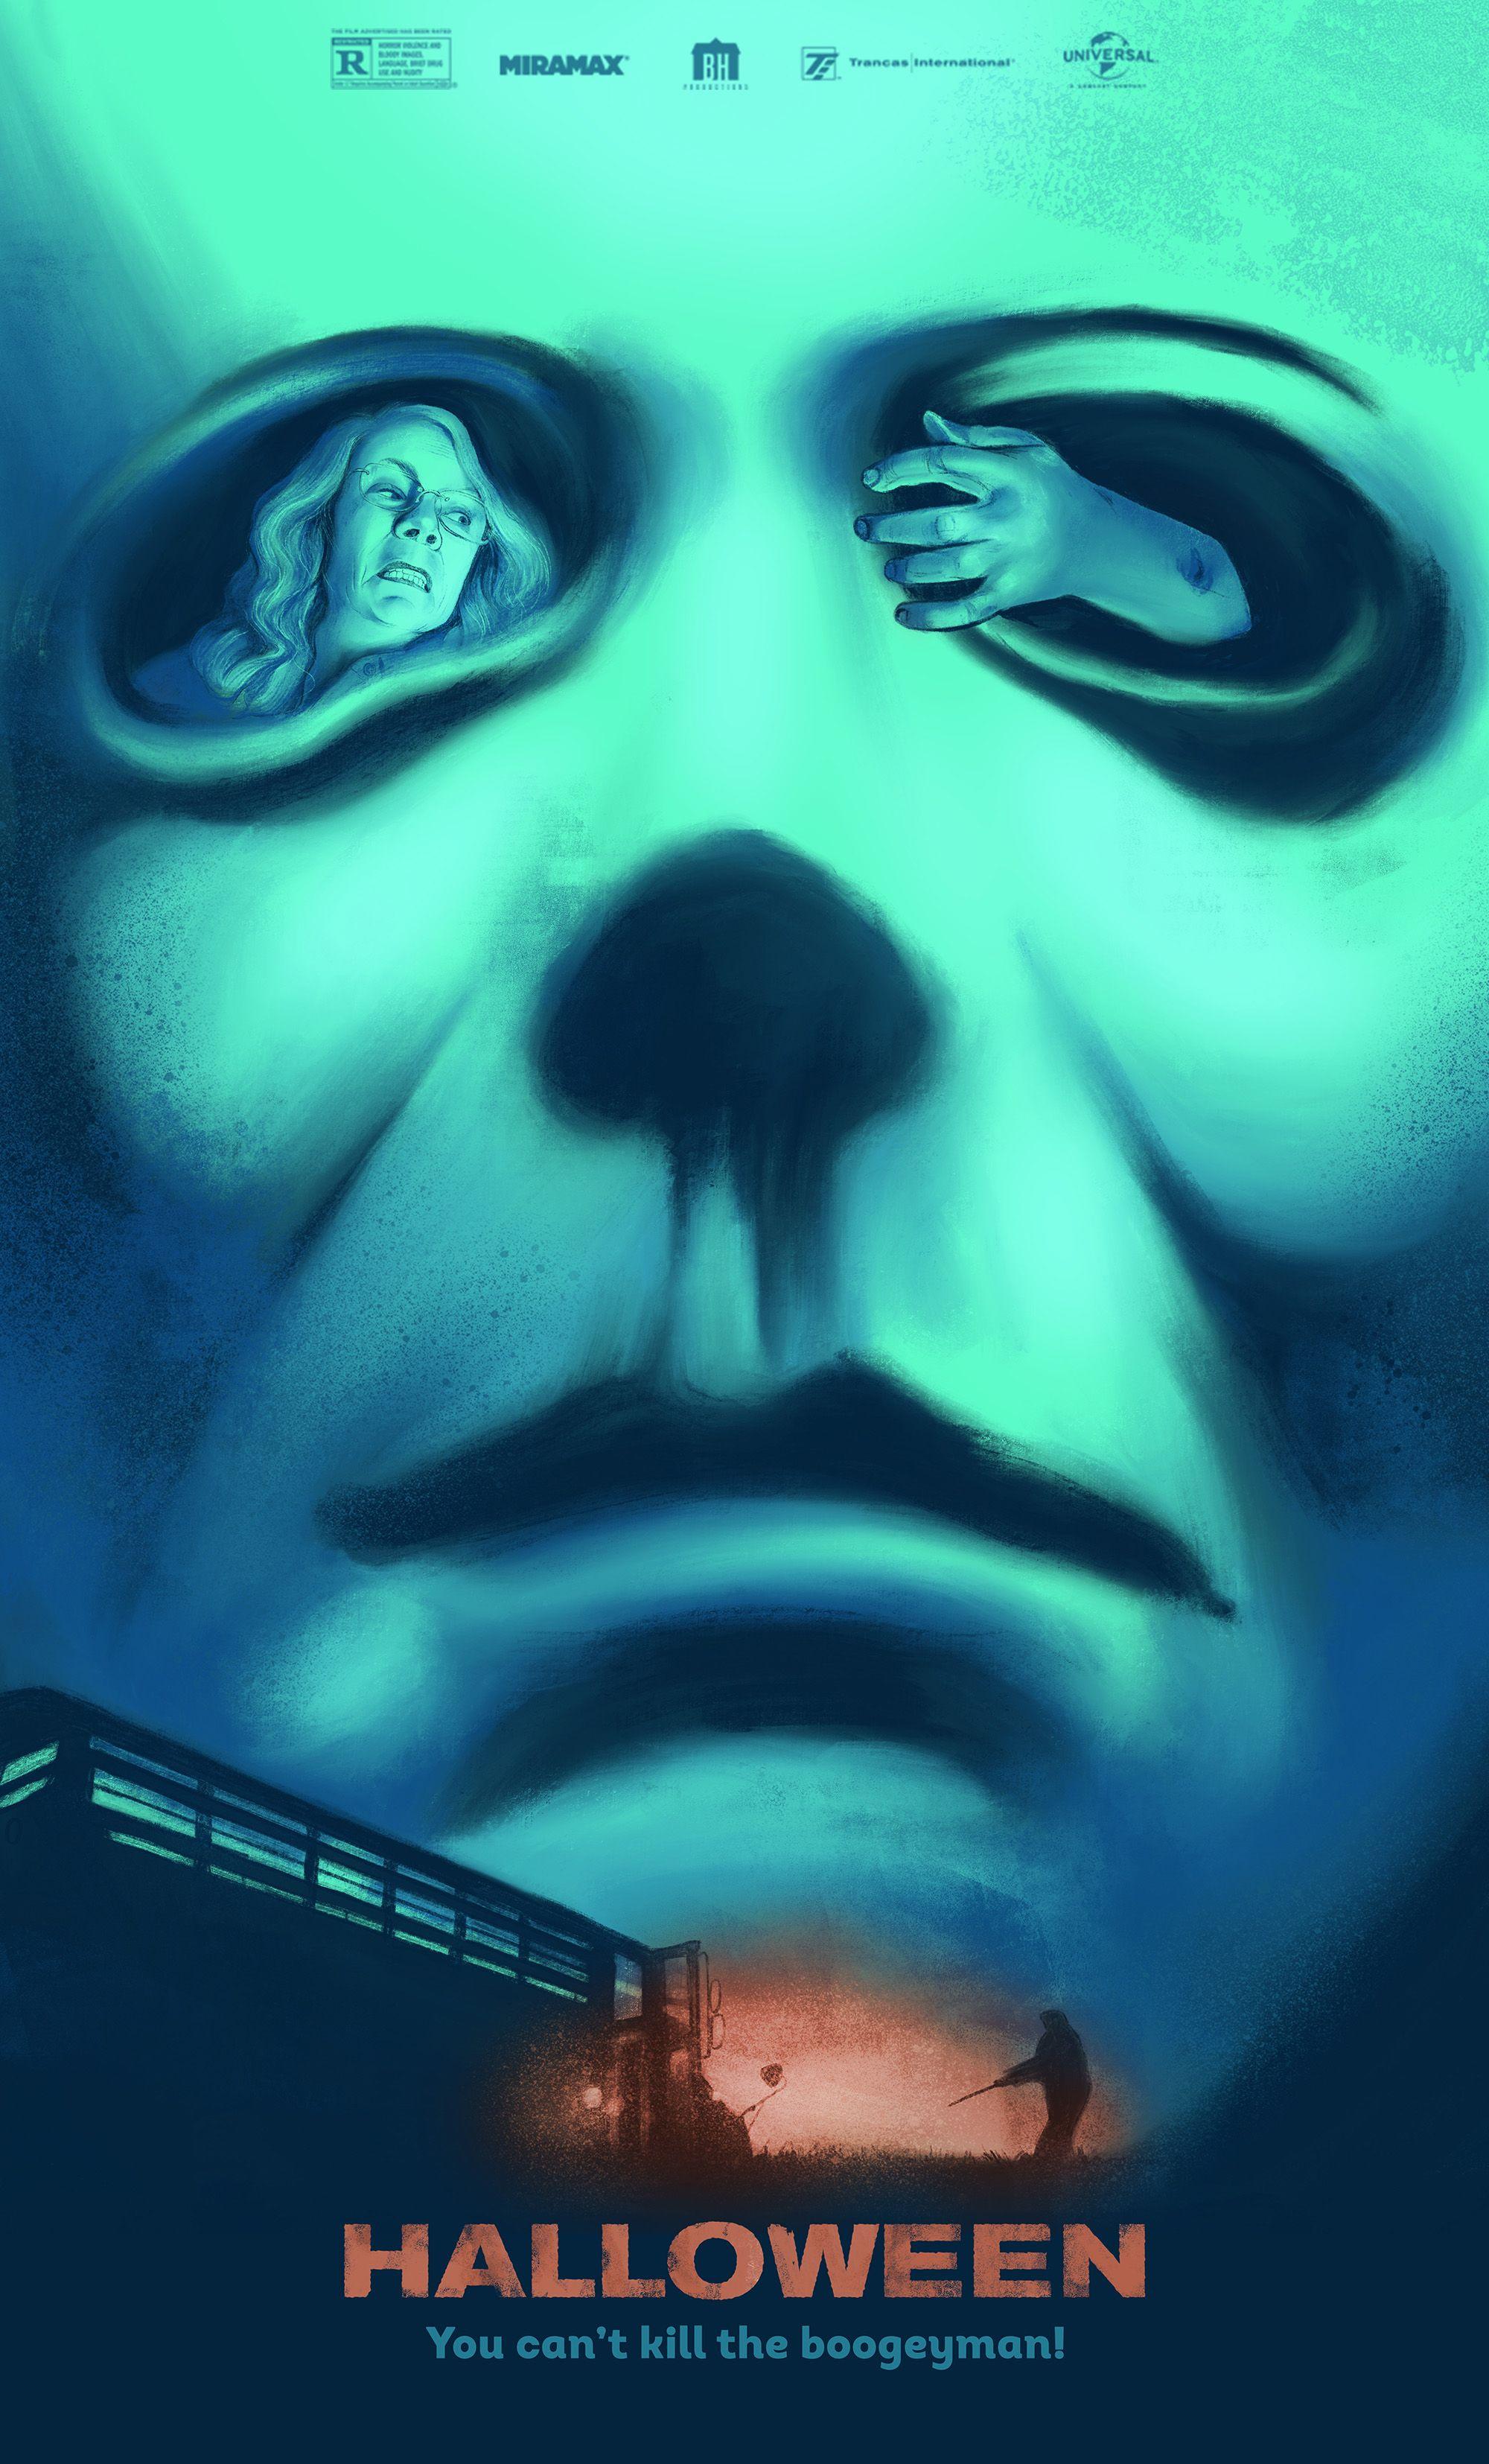 31 Days of Horror An alternative Halloween (2018) poster